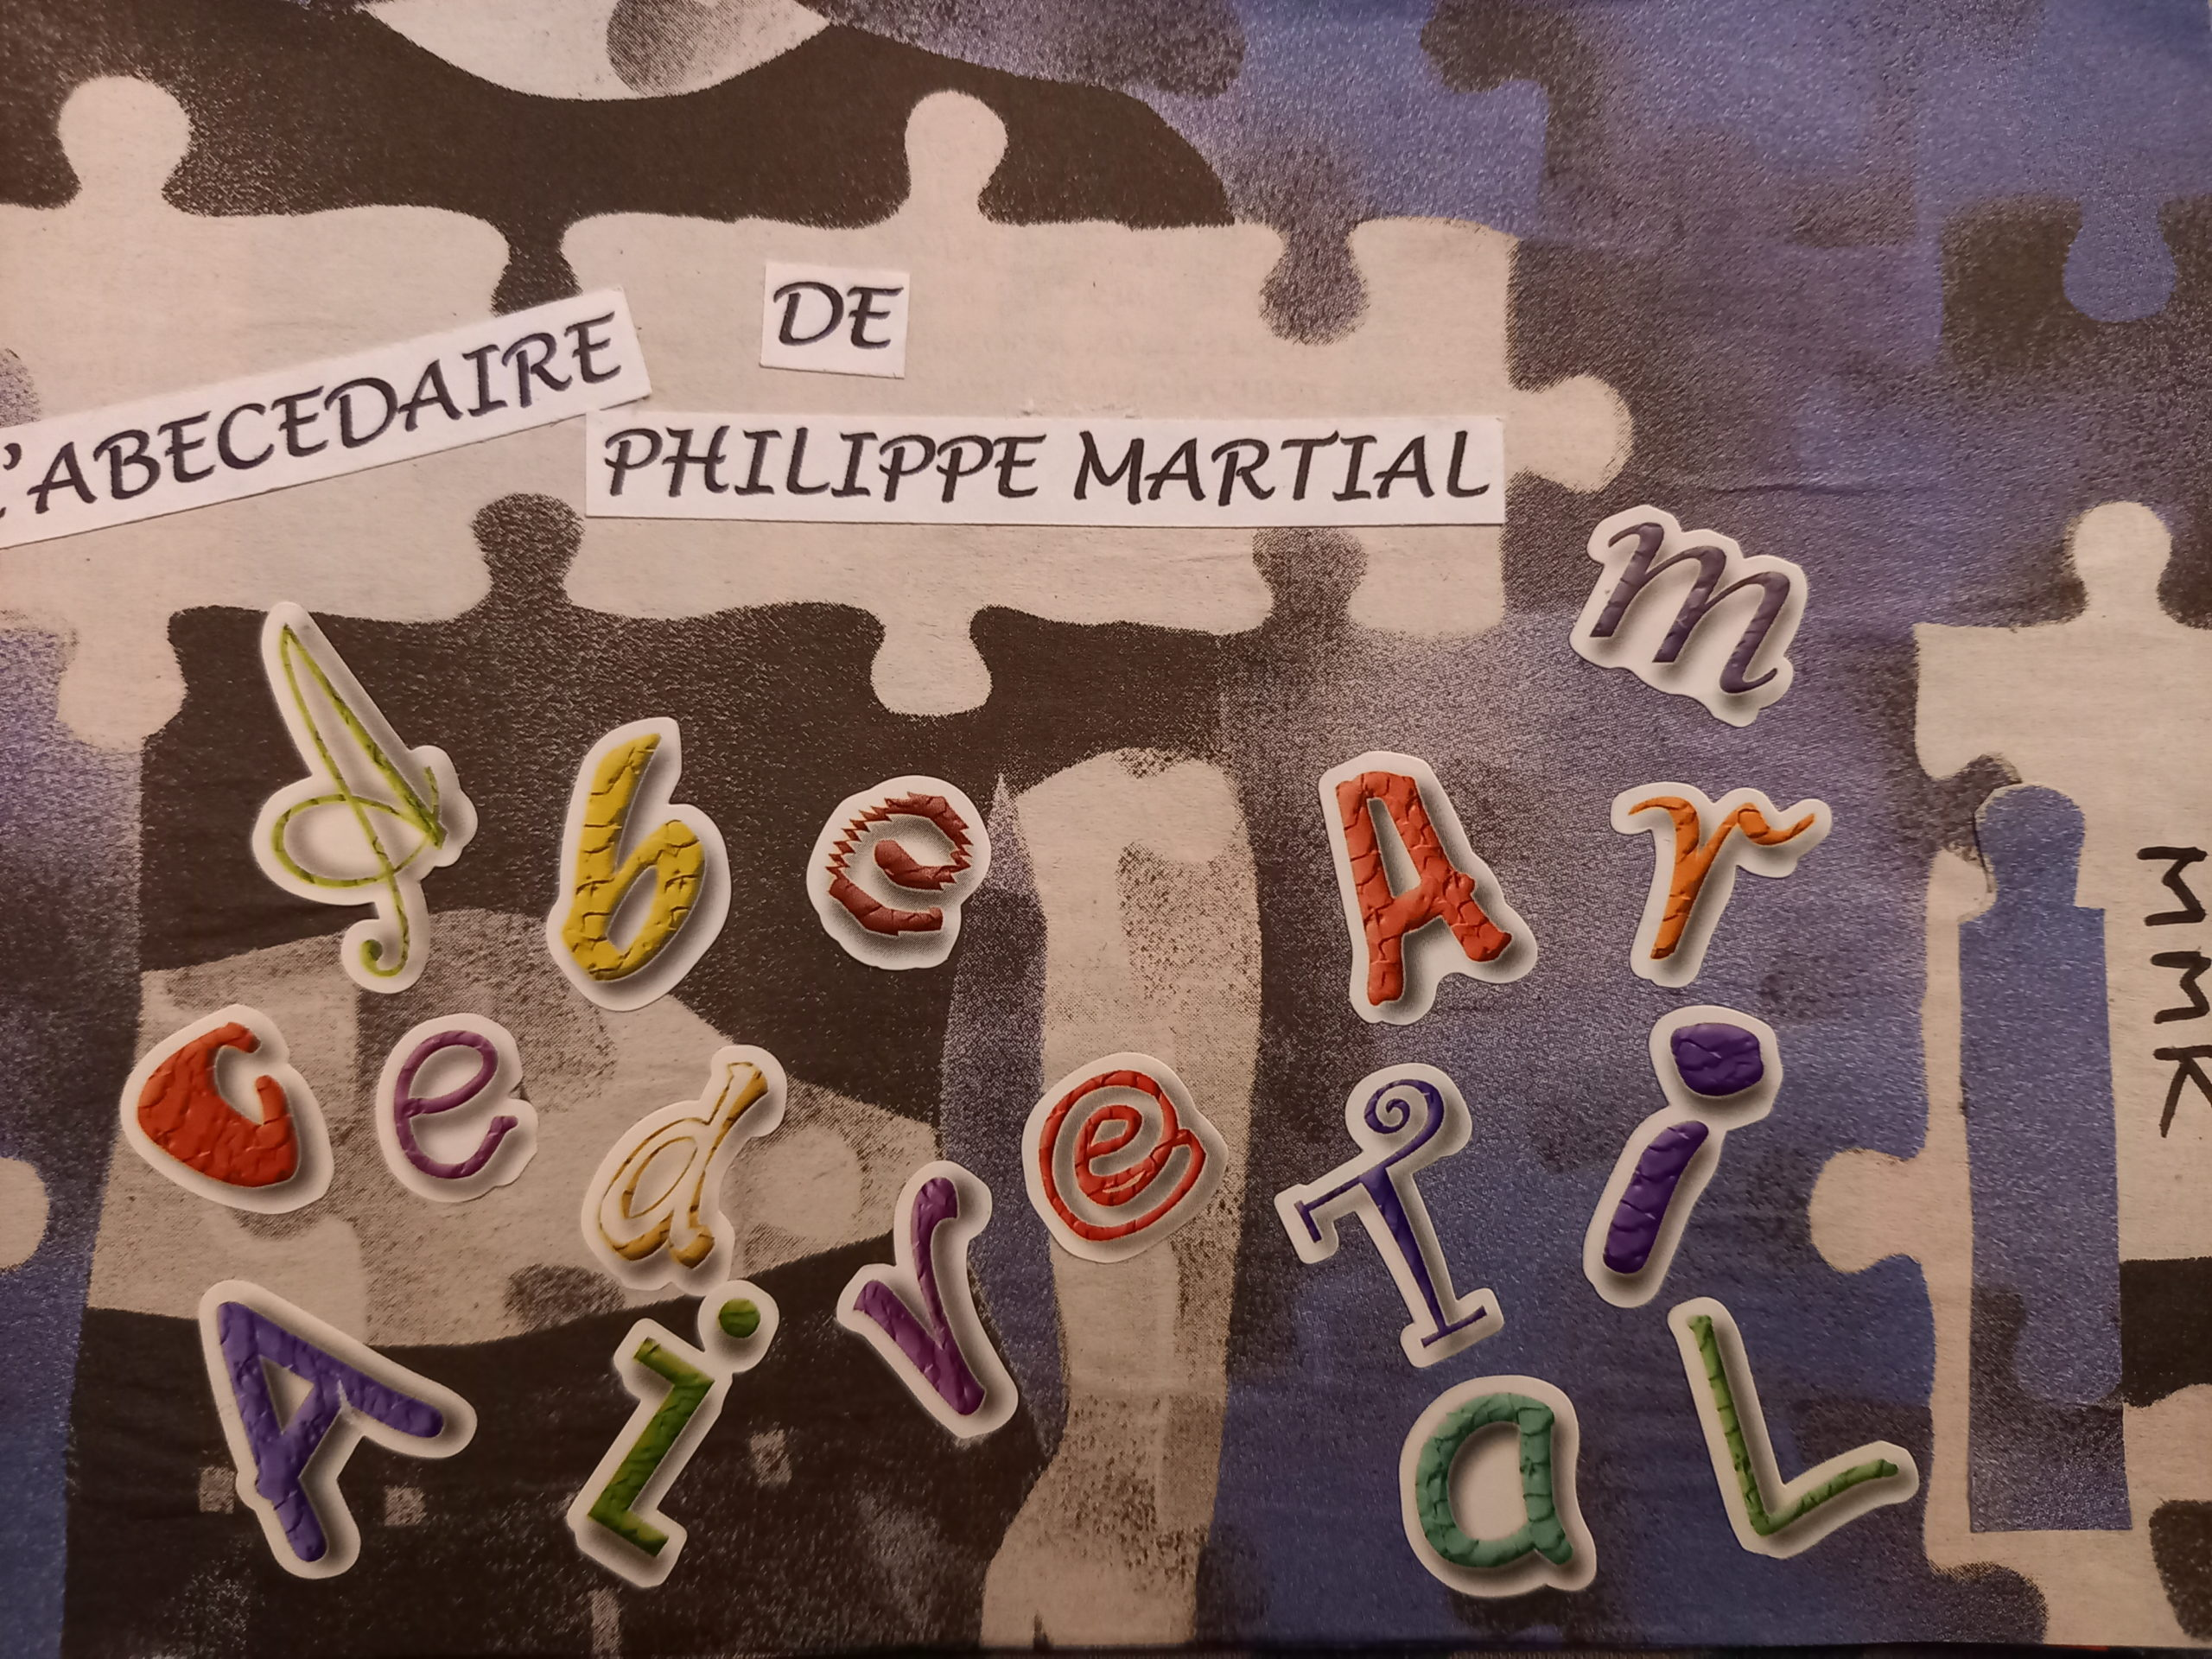 La suite de l'Abécédaire de Philippe MARTIAL, avec « Chefs ». : le culte du chef, les réseaux, réalisme et morale, la conquête d'une place au pouvoir…